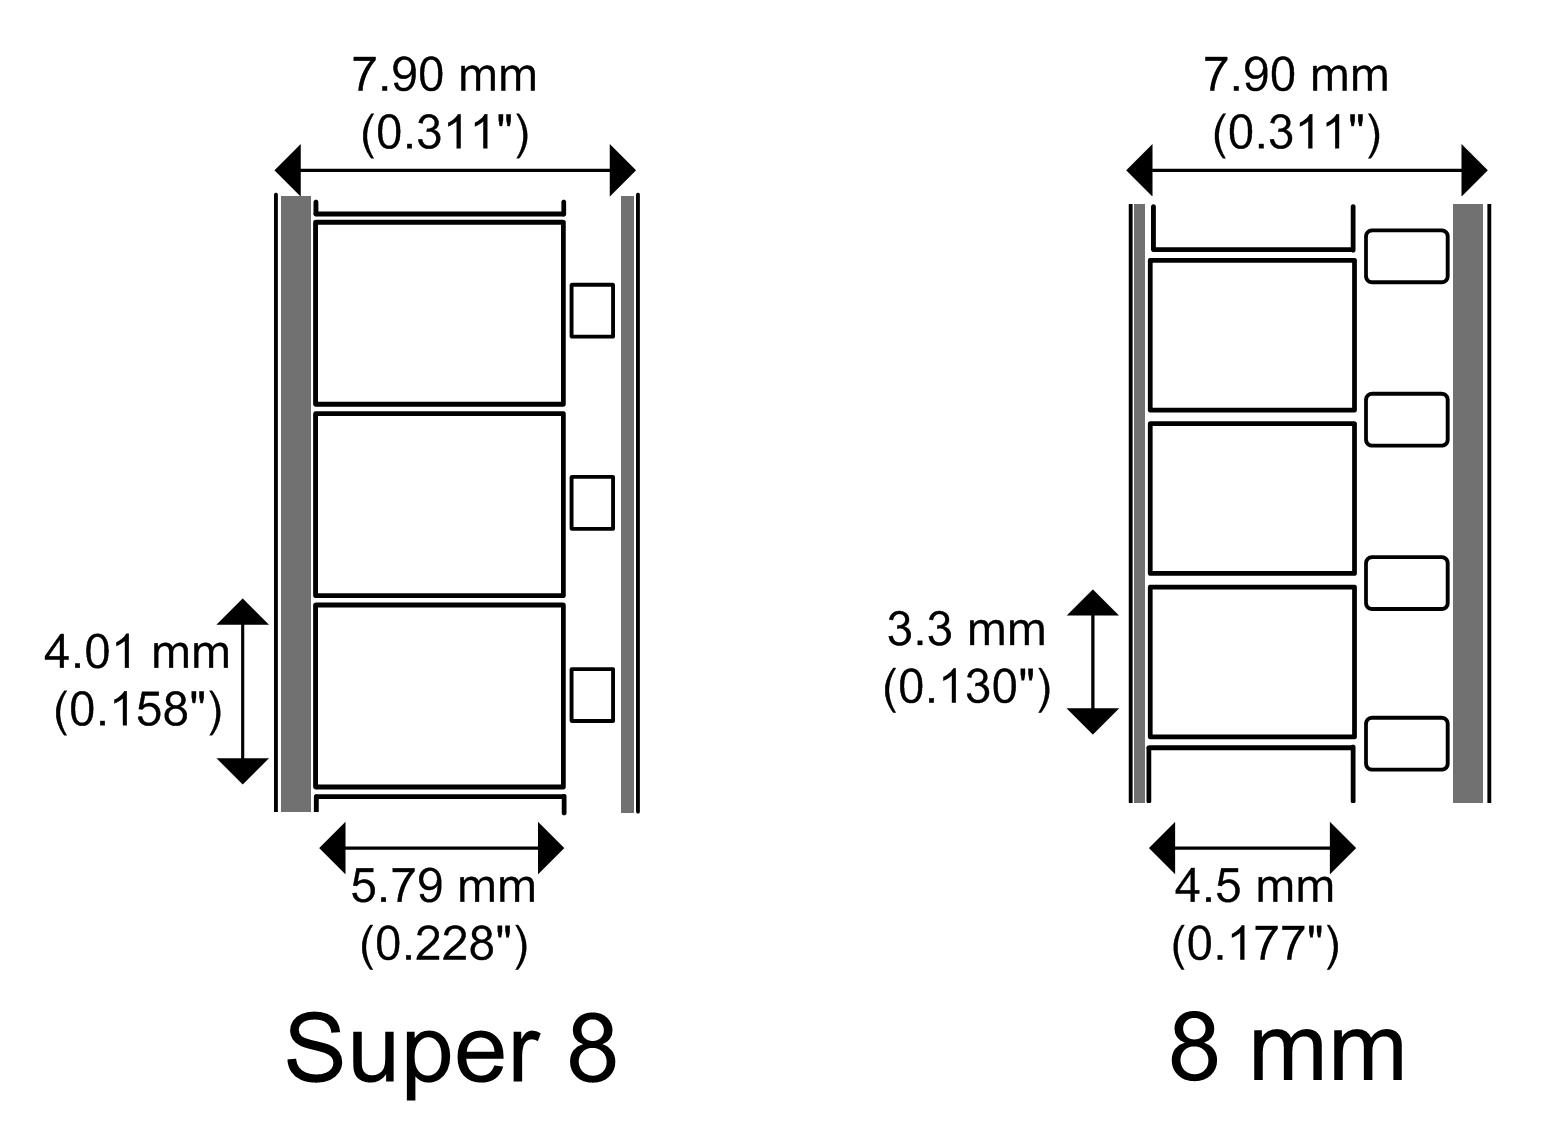 Super 8 8mm In Dvd